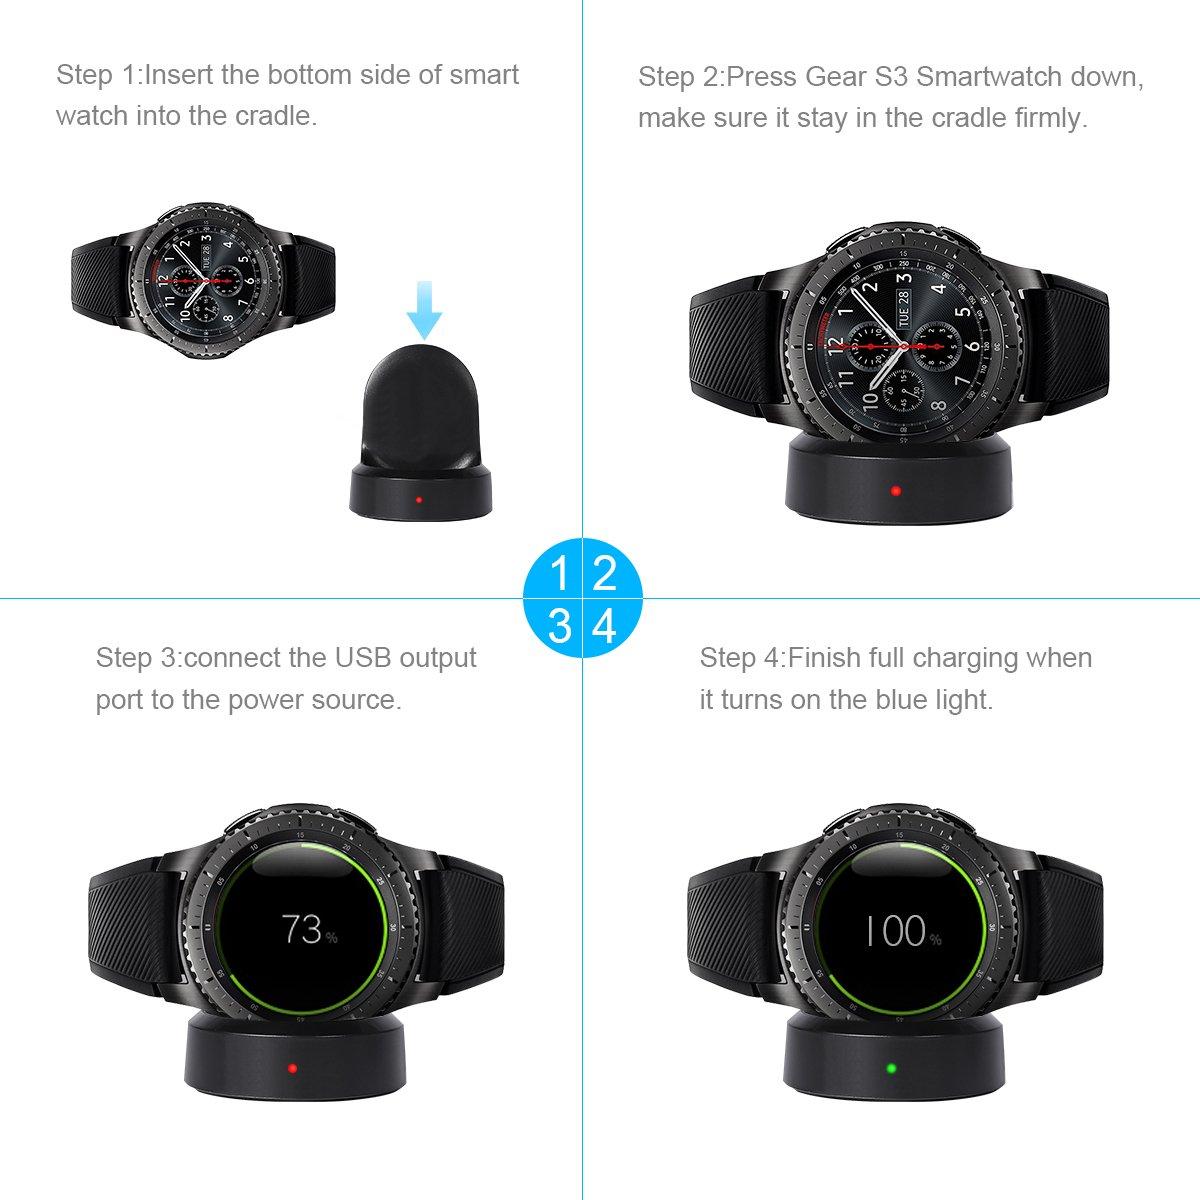 Amazon.com: Cargador para Samsung Gear S3, cargador de carga ...